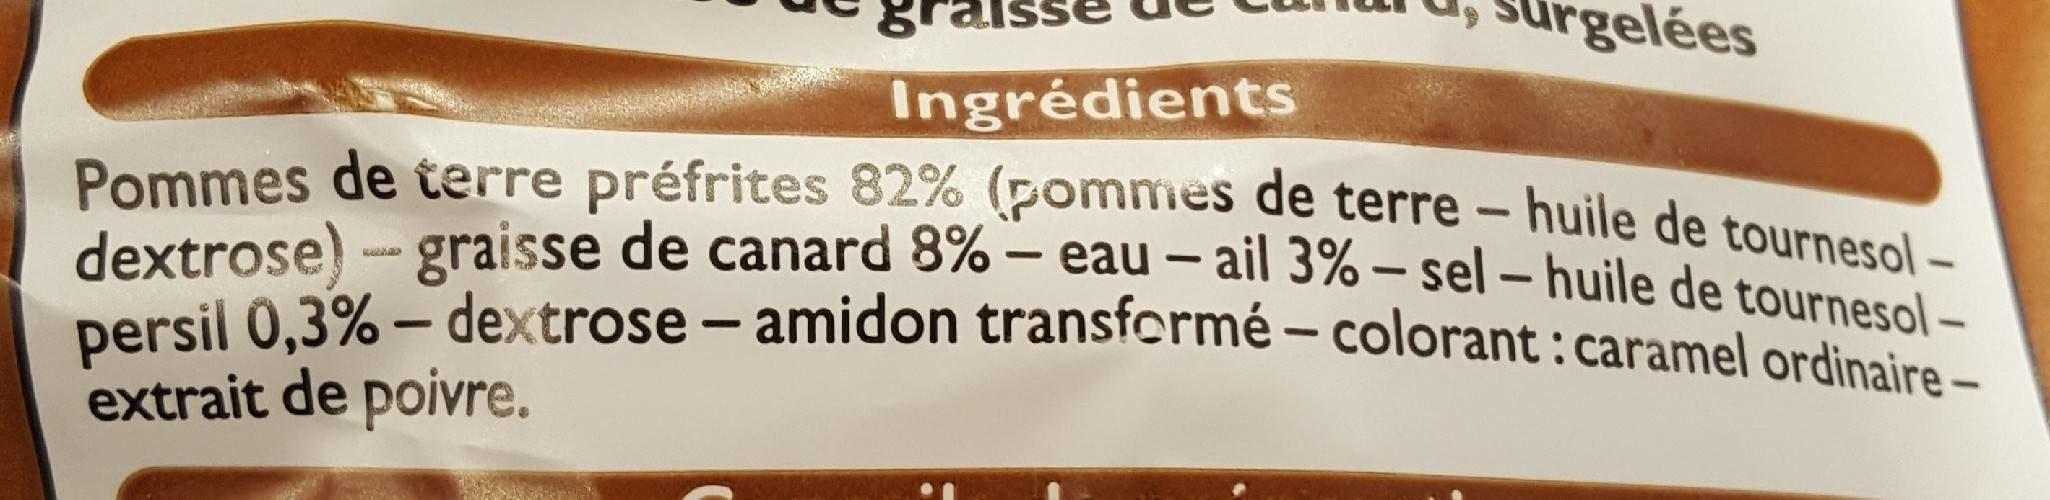 Pommes de Terre Périgourdine - Ingrédients